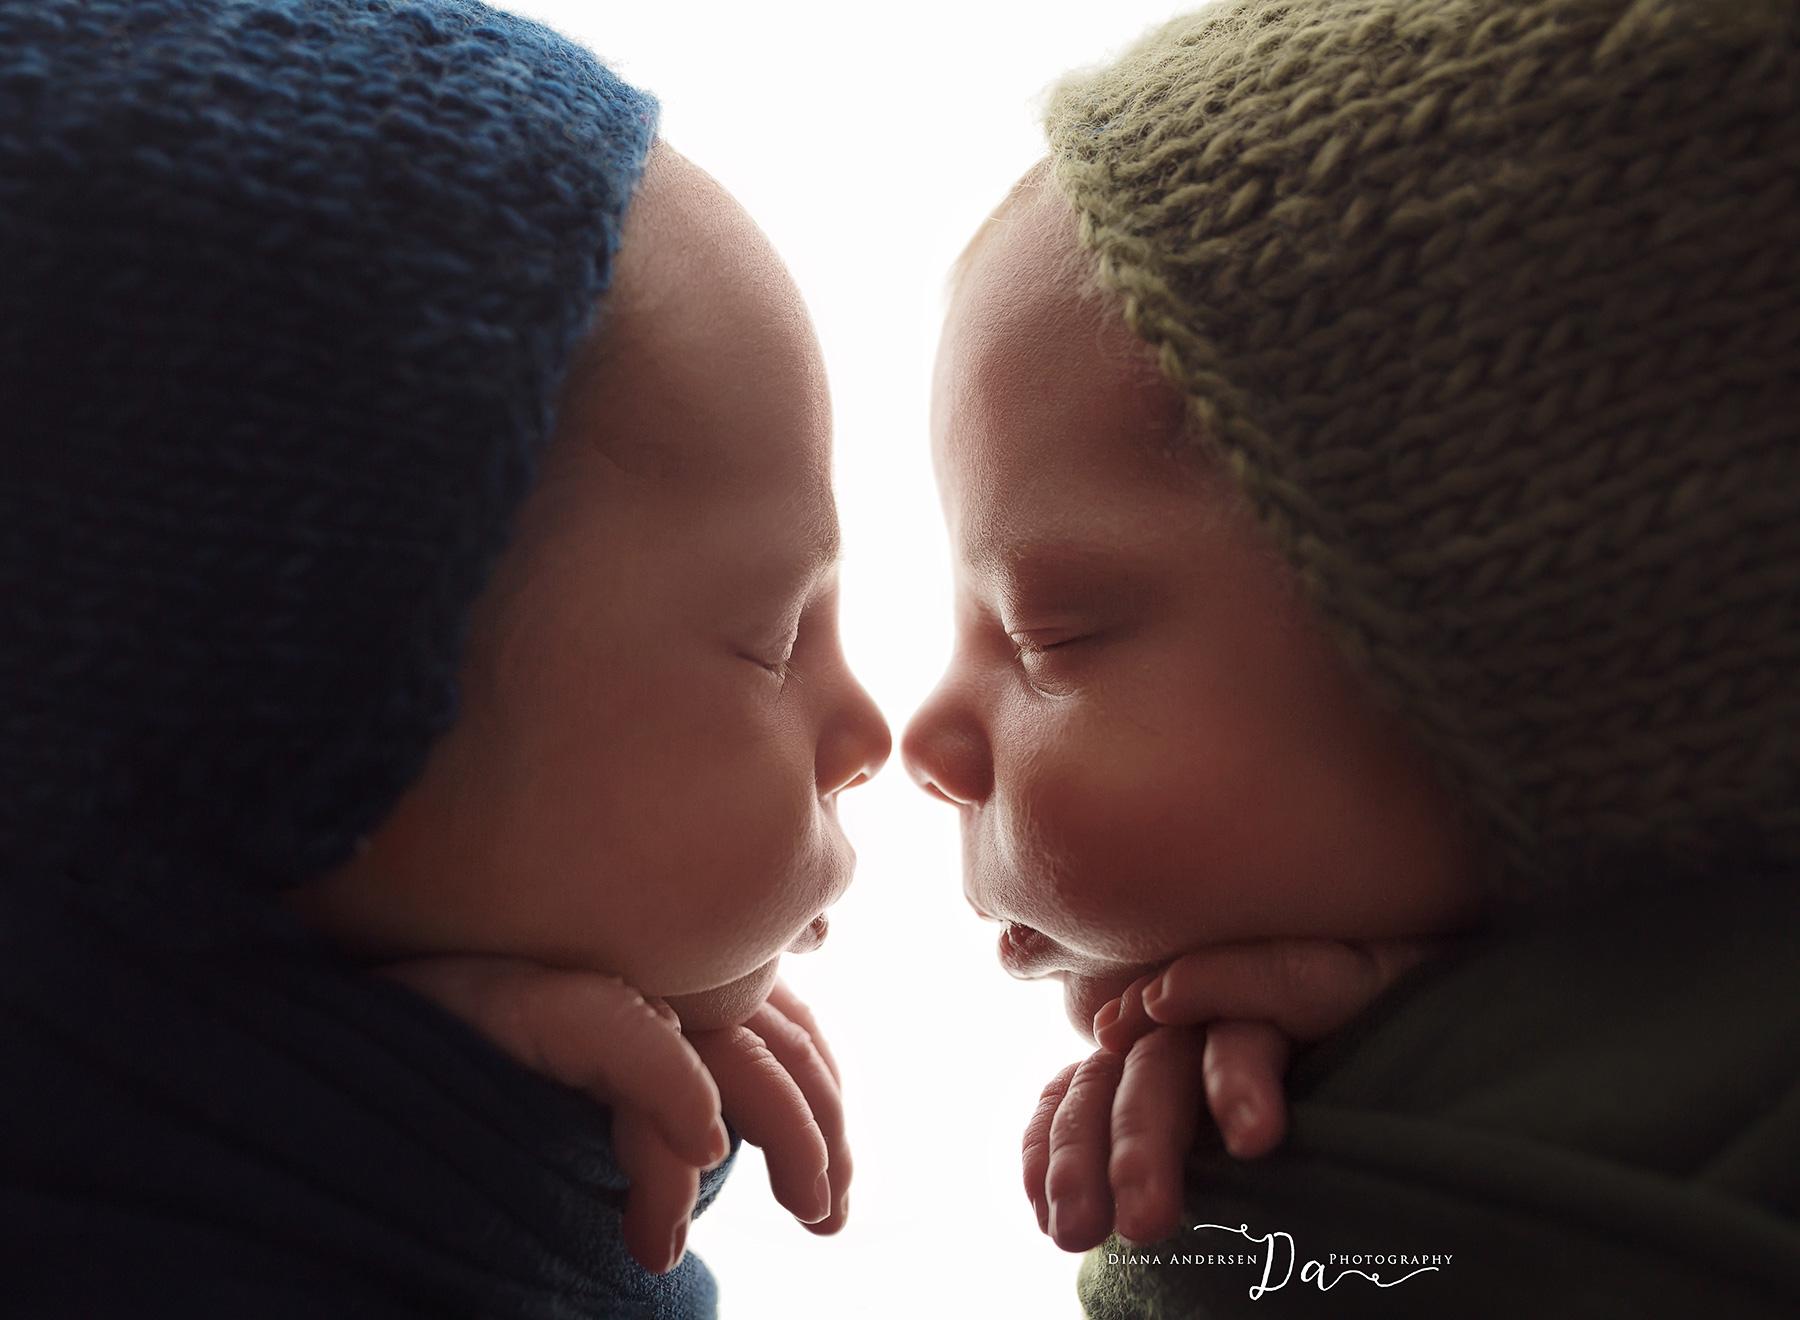 owen-aiden-newborn15-fb.jpg